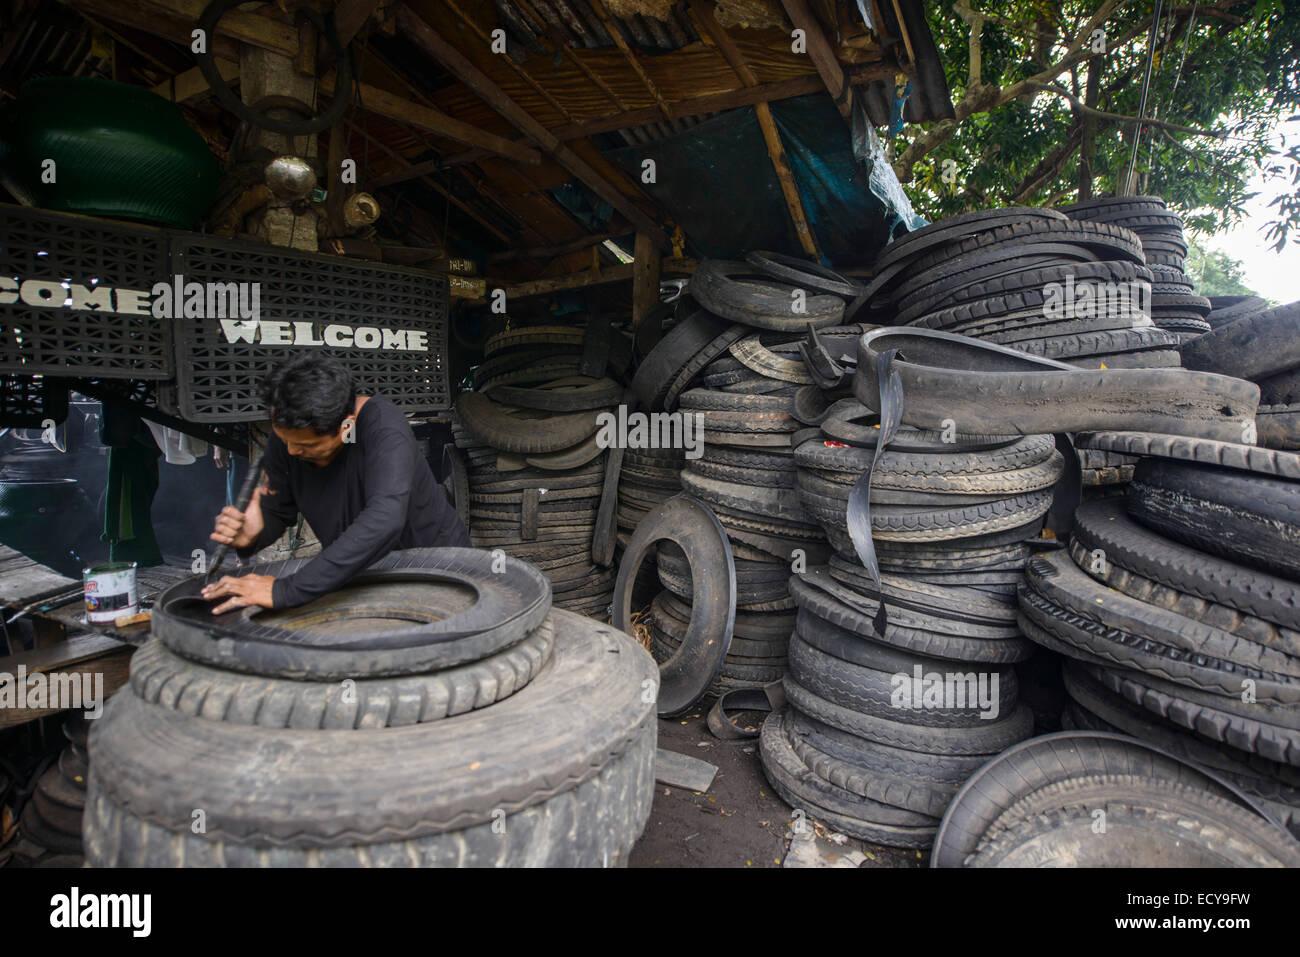 Riciclaggio dei vecchi pneumatici per camion per costruire mobili, South Luzon, Filippine Immagini Stock